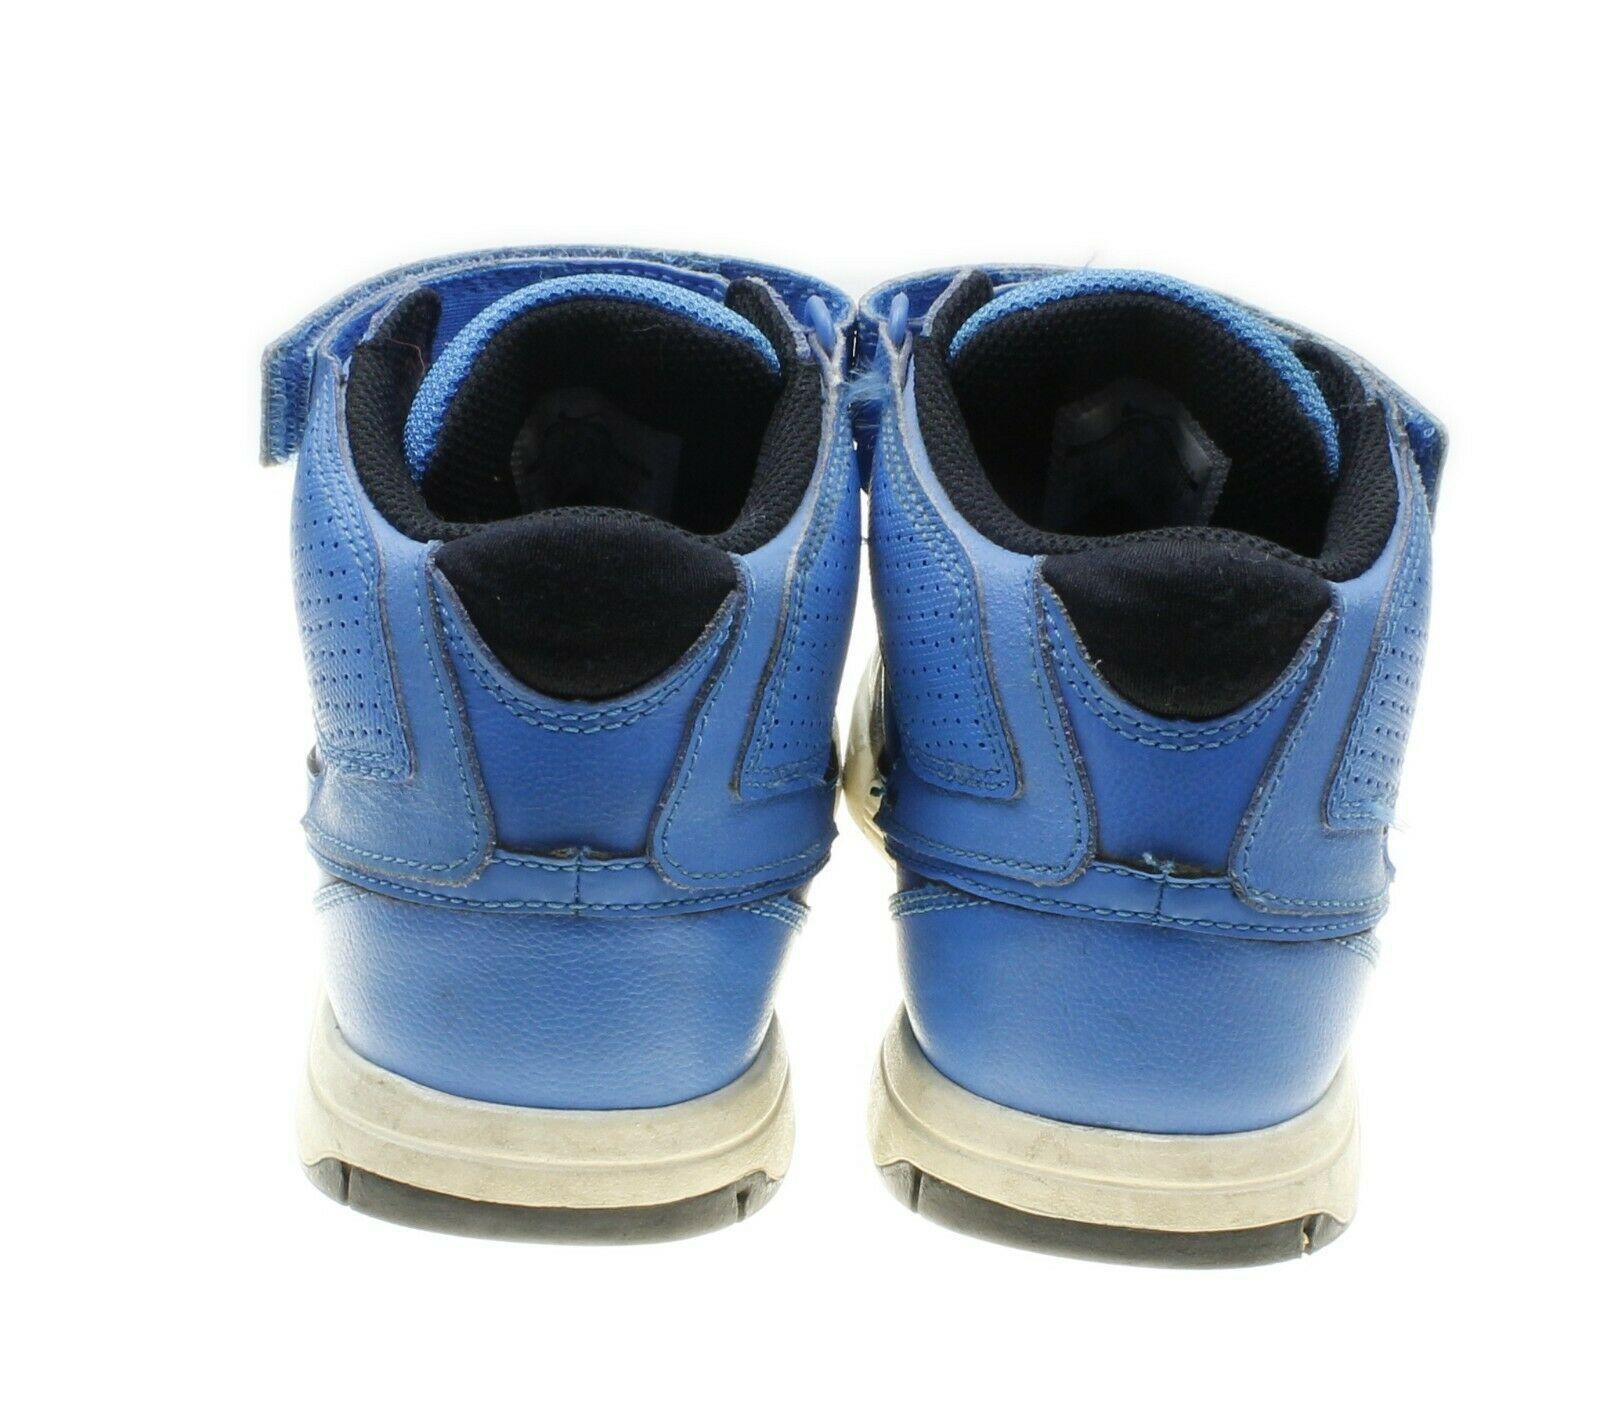 Nike Mogan Mid 2 JR Blue Black High Tops Sneakers US 4Y Womens 5.5 407716-441